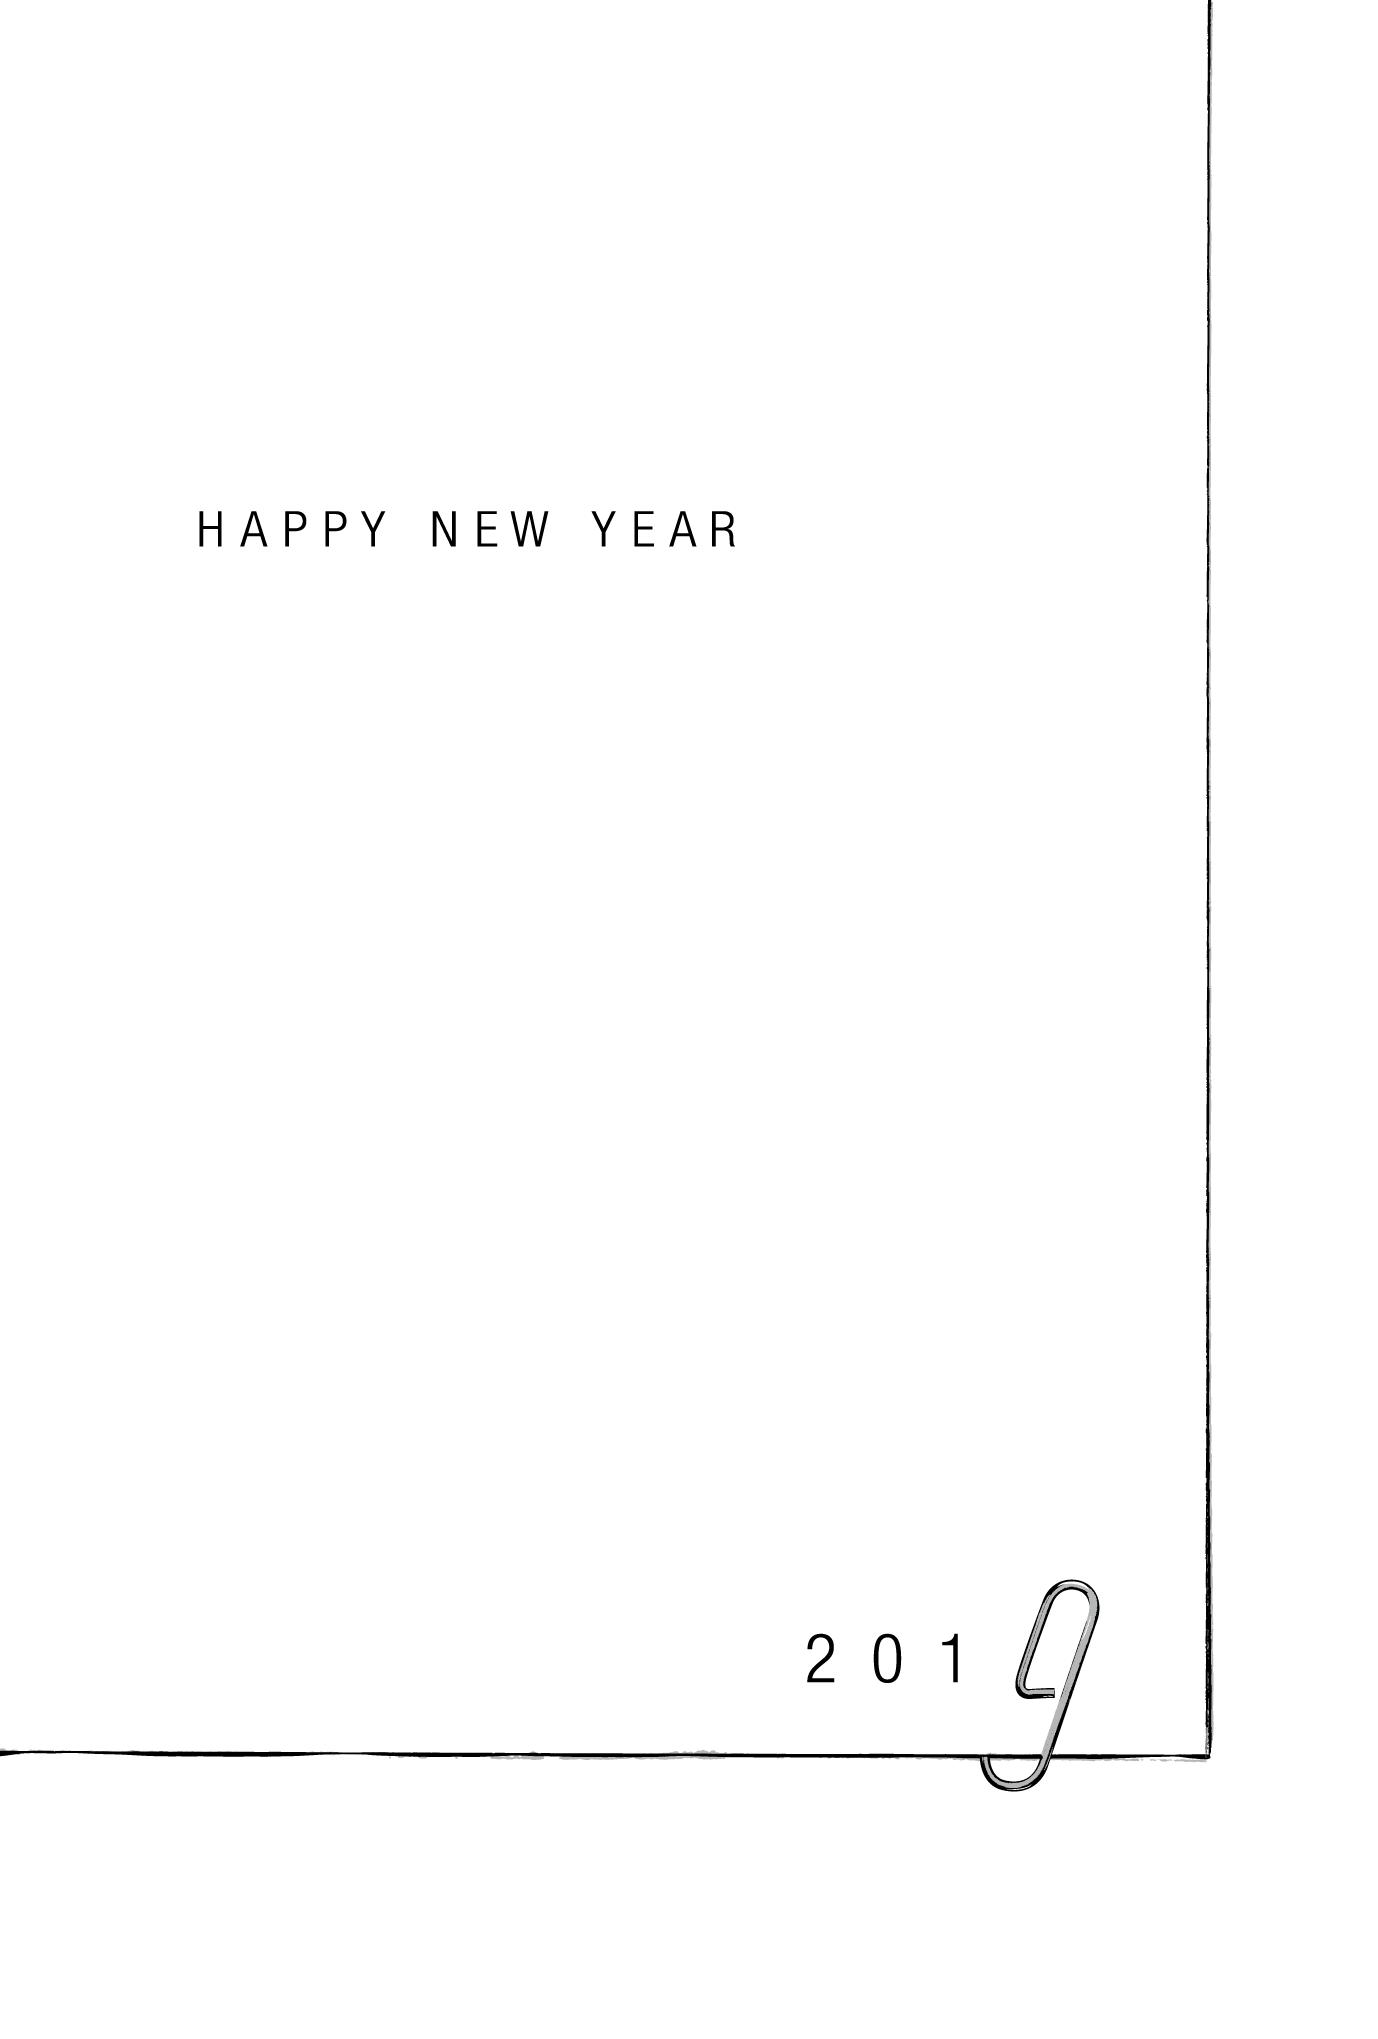 2019年賀状16-3:Cliped 2019 / 3のダウンロード画像